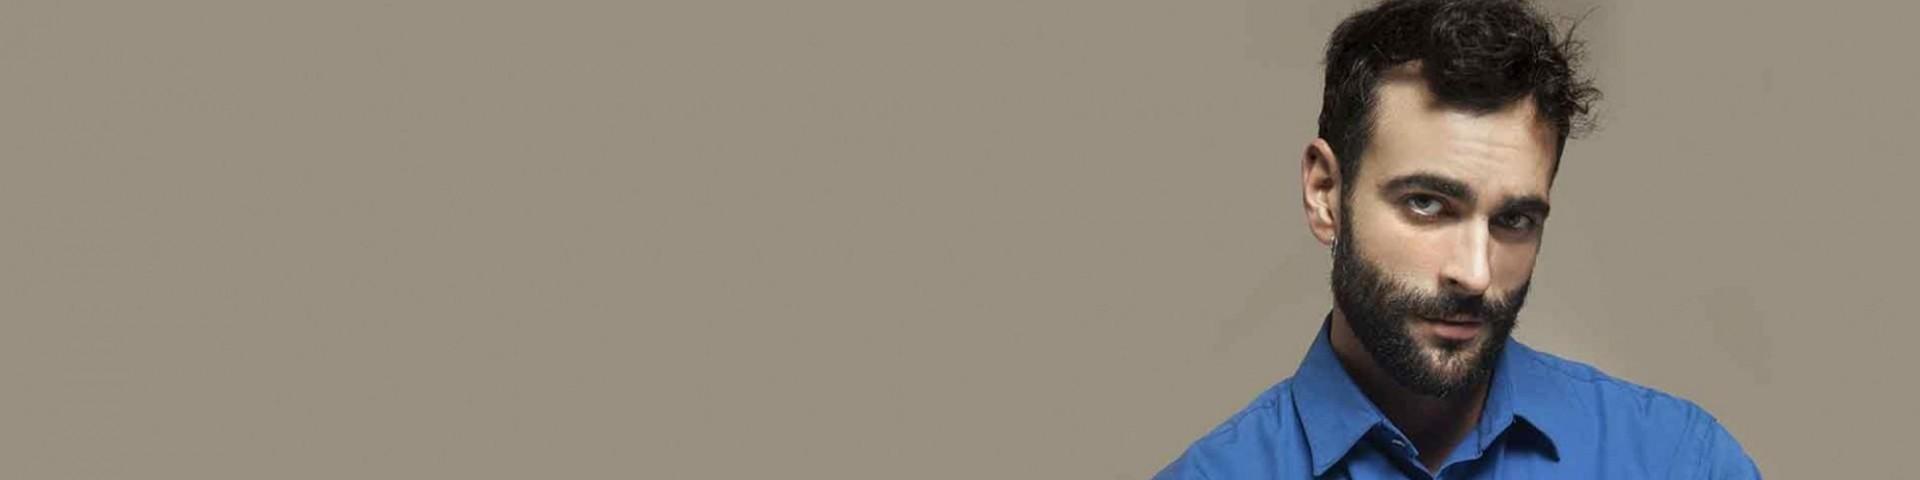 Marco Mengoni: in vendita i biglietti del concerto a Eboli